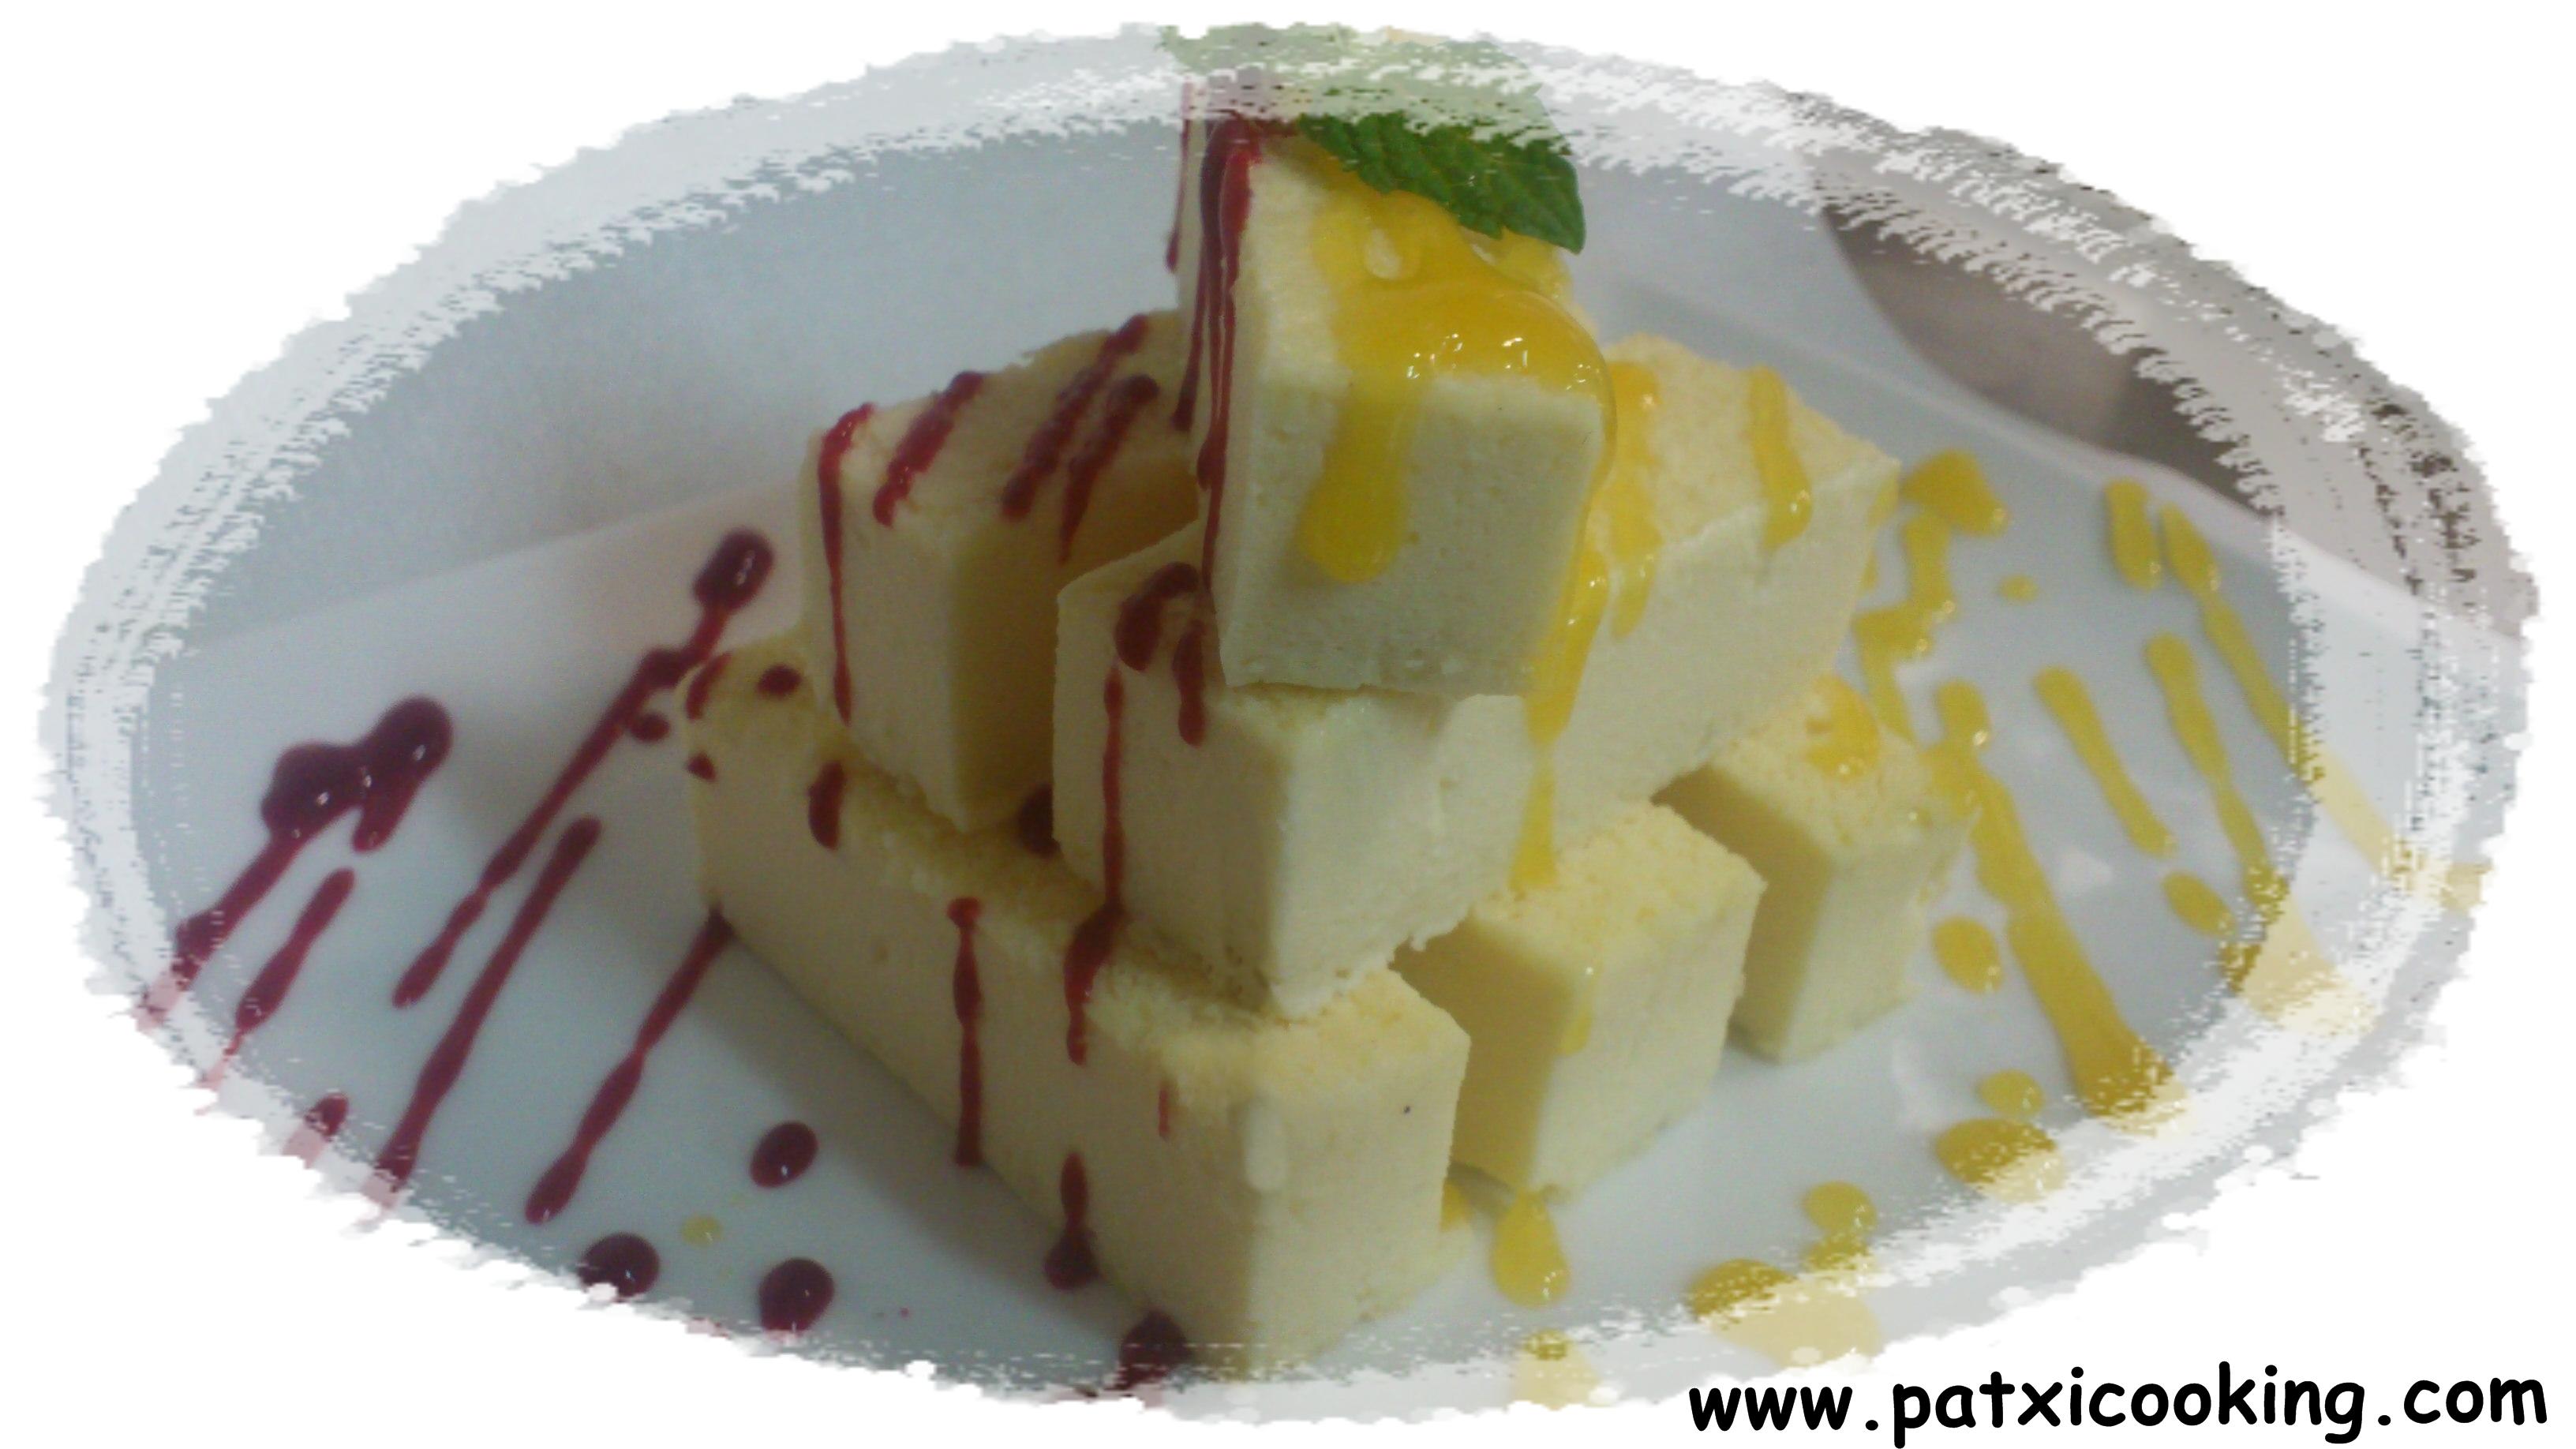 Tarta de queso, dúo de coulises